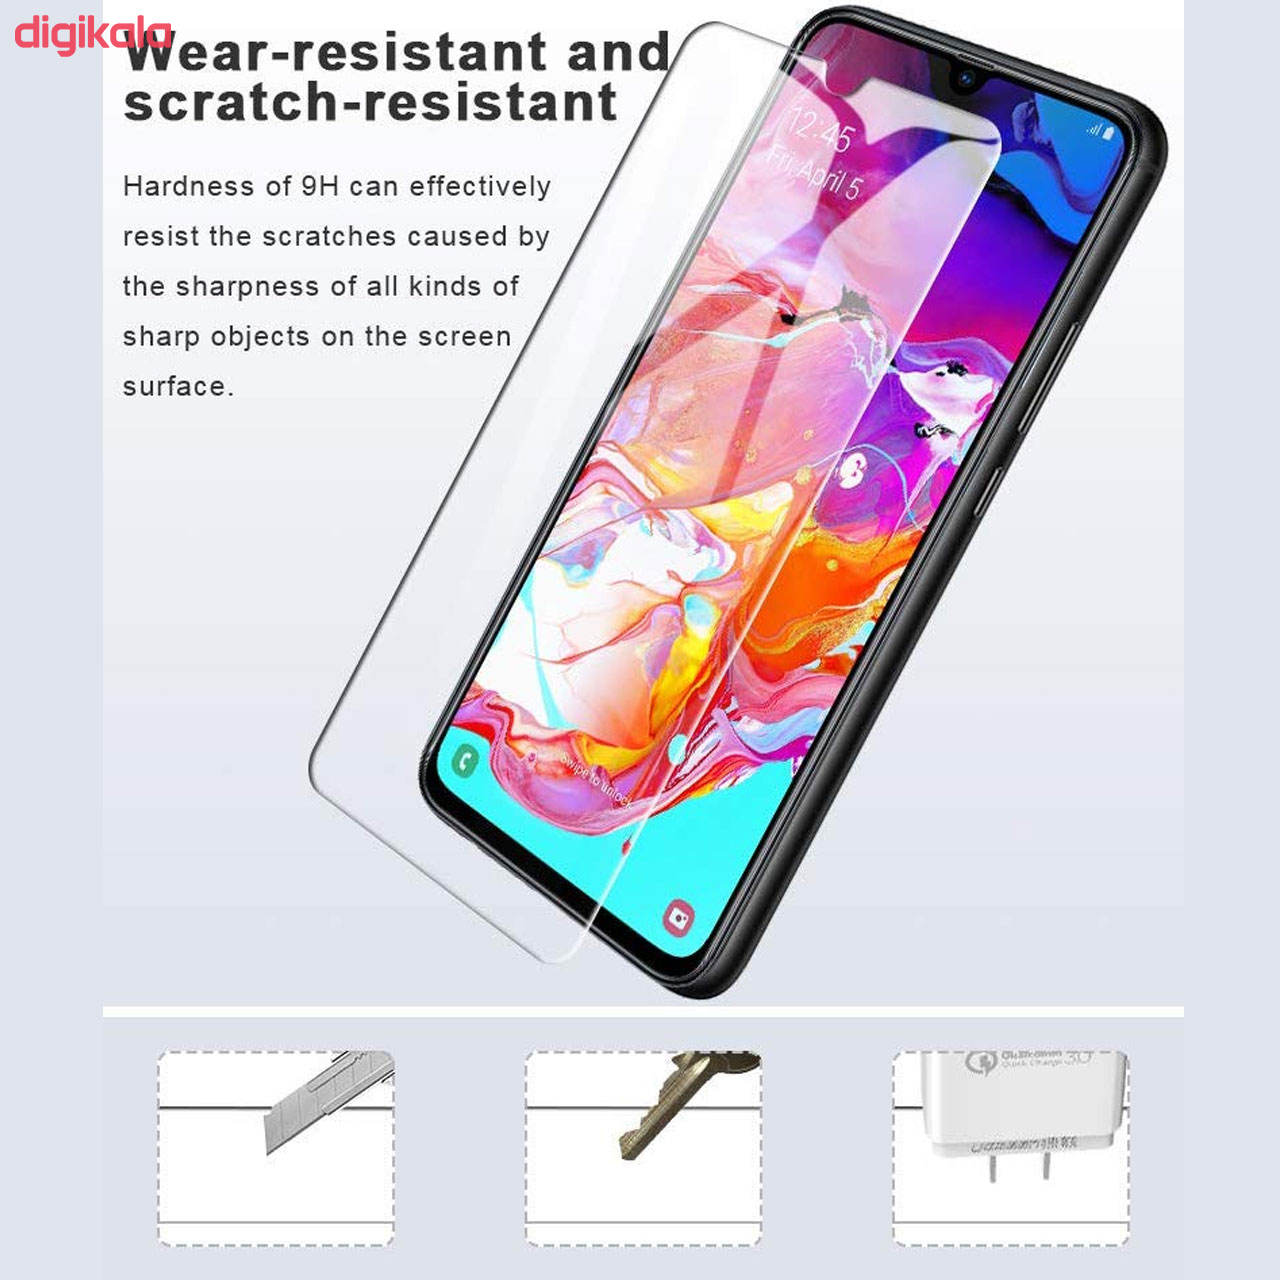 محافظ صفحه نمایش هورس مدل UCC مناسب برای گوشی موبایل سامسونگ Galaxy A70 بسته دو عددی main 1 5